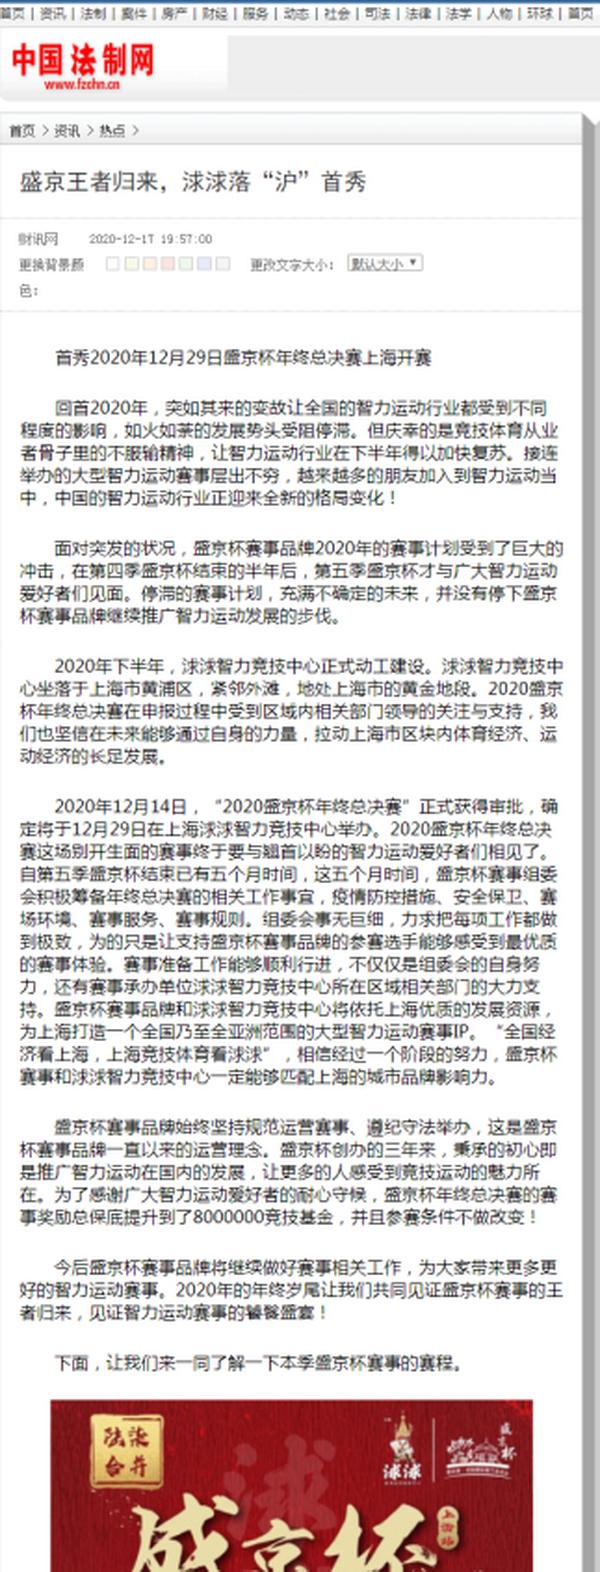 中国法律网、中国法制网共同宣发!今日头条首页推荐,盛京杯华丽回归!